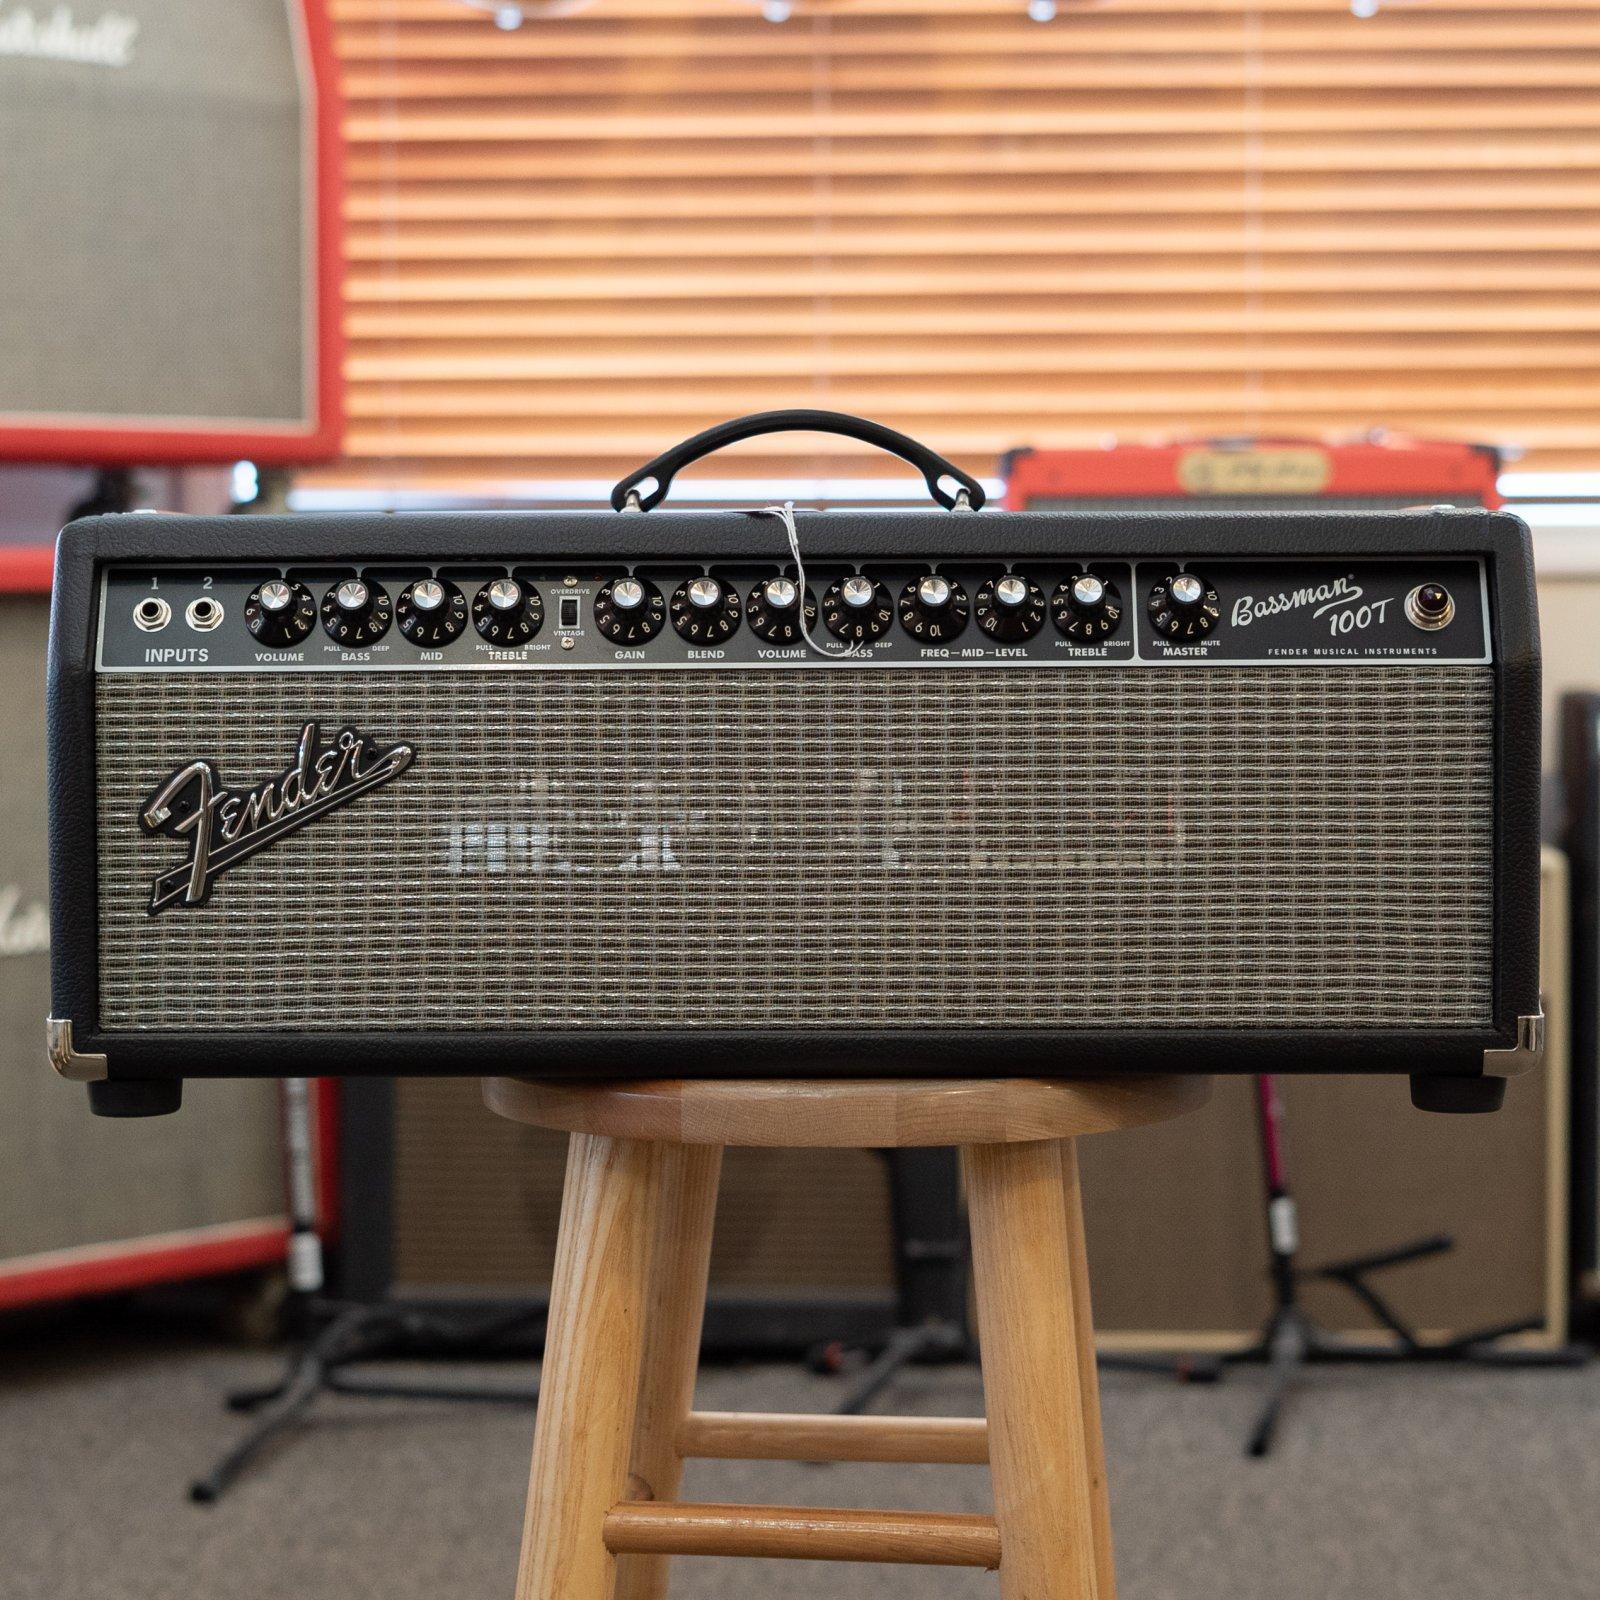 Fender Bassman 100T Head (USED)